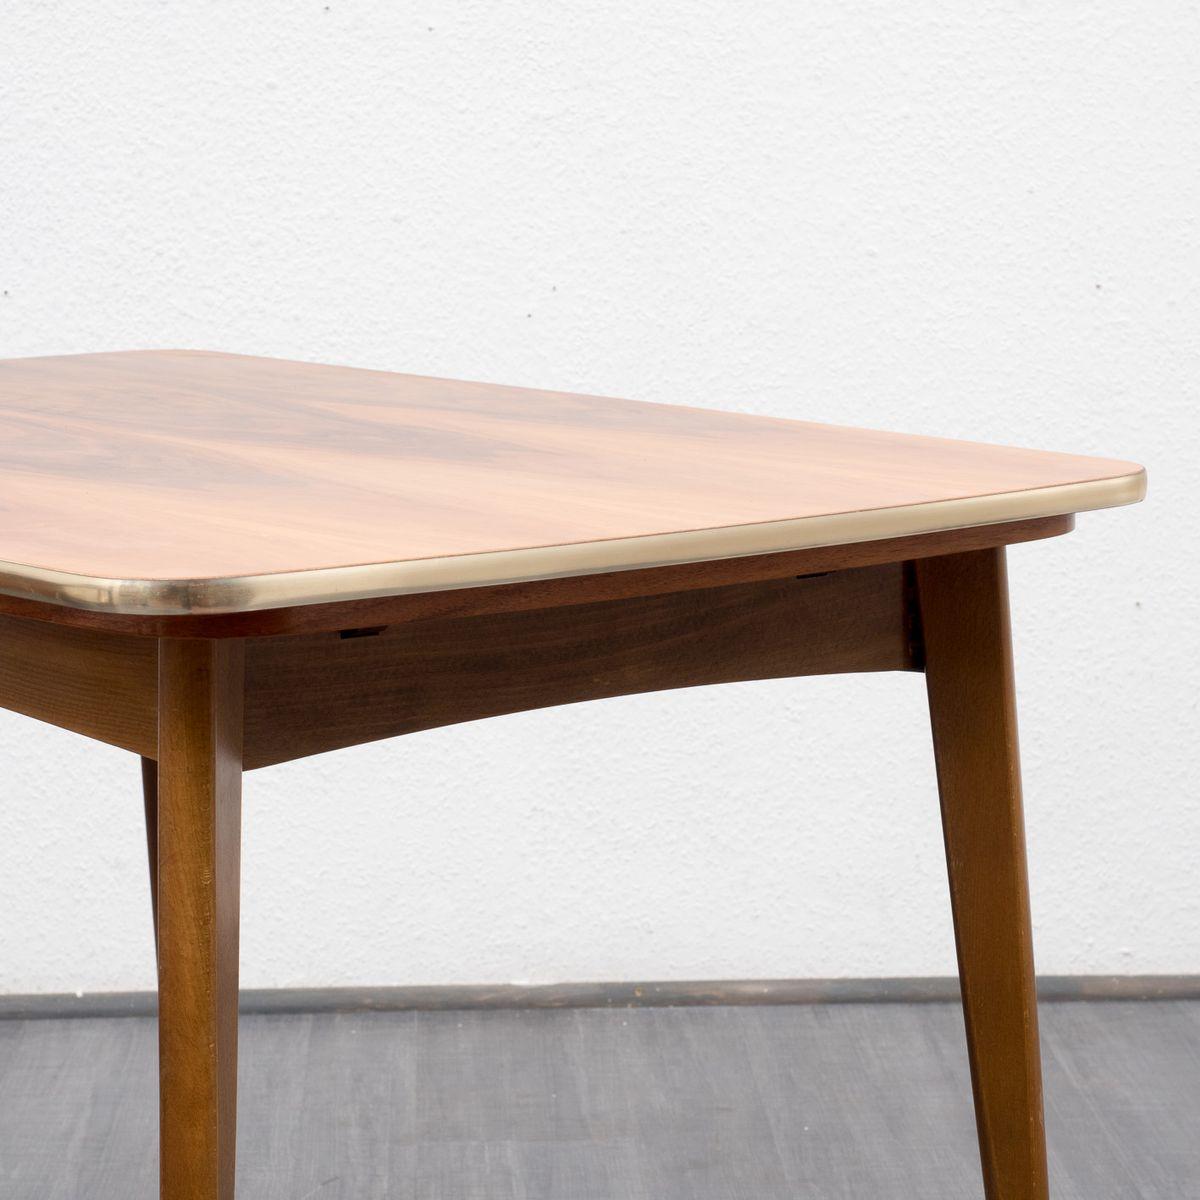 h henverstellbarer ausziehbarer esstisch aus nussbaumholz. Black Bedroom Furniture Sets. Home Design Ideas